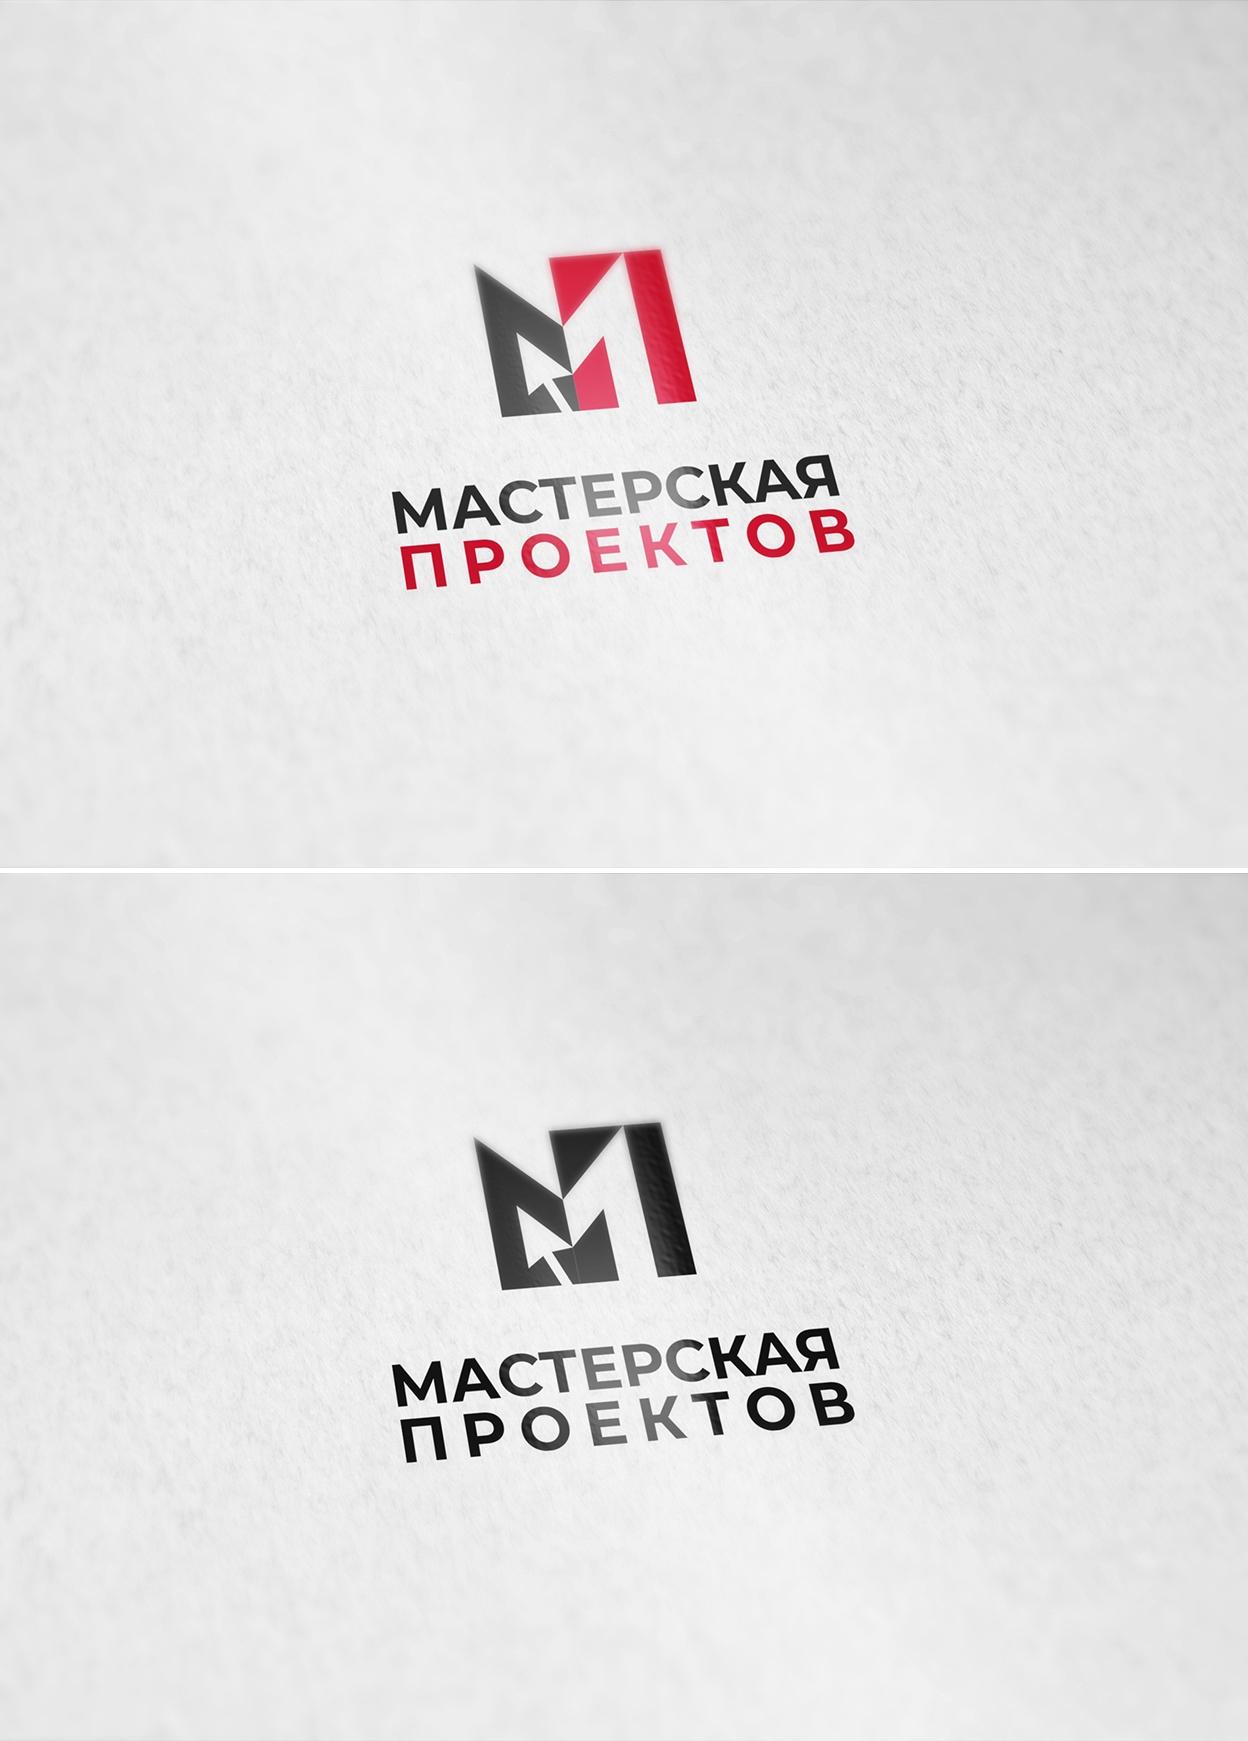 Разработка логотипа строительно-мебельного проекта (см. опис фото f_312606d72ef93017.jpg